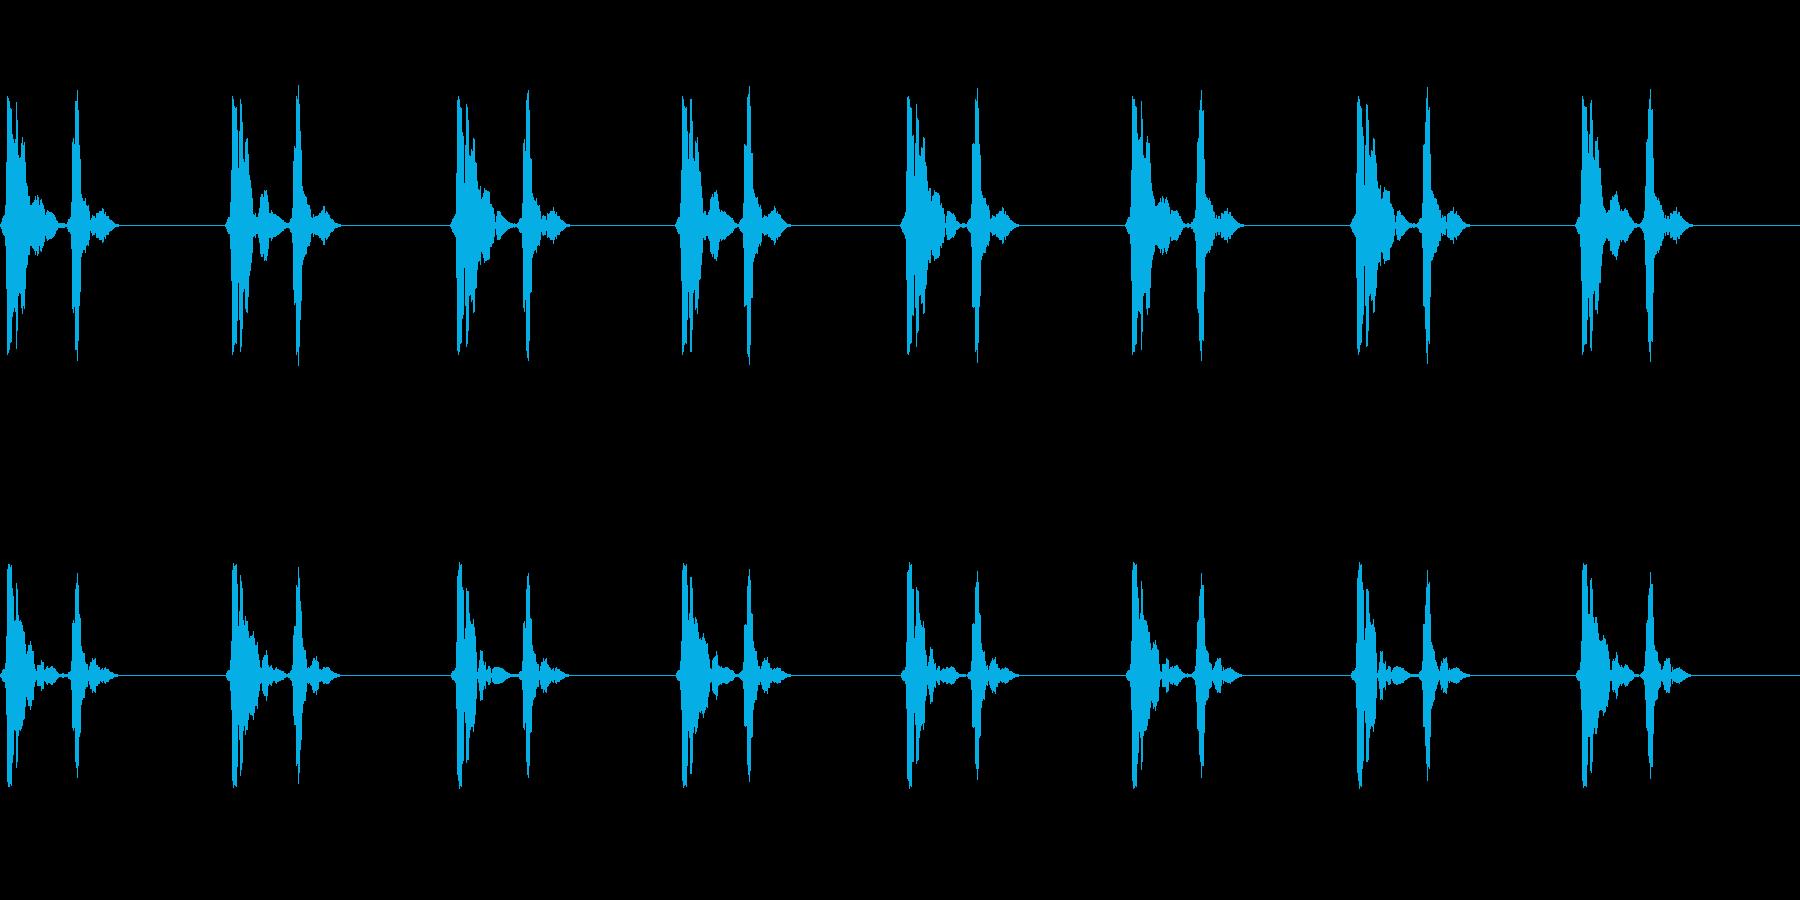 心臓の鼓動音_その4の再生済みの波形